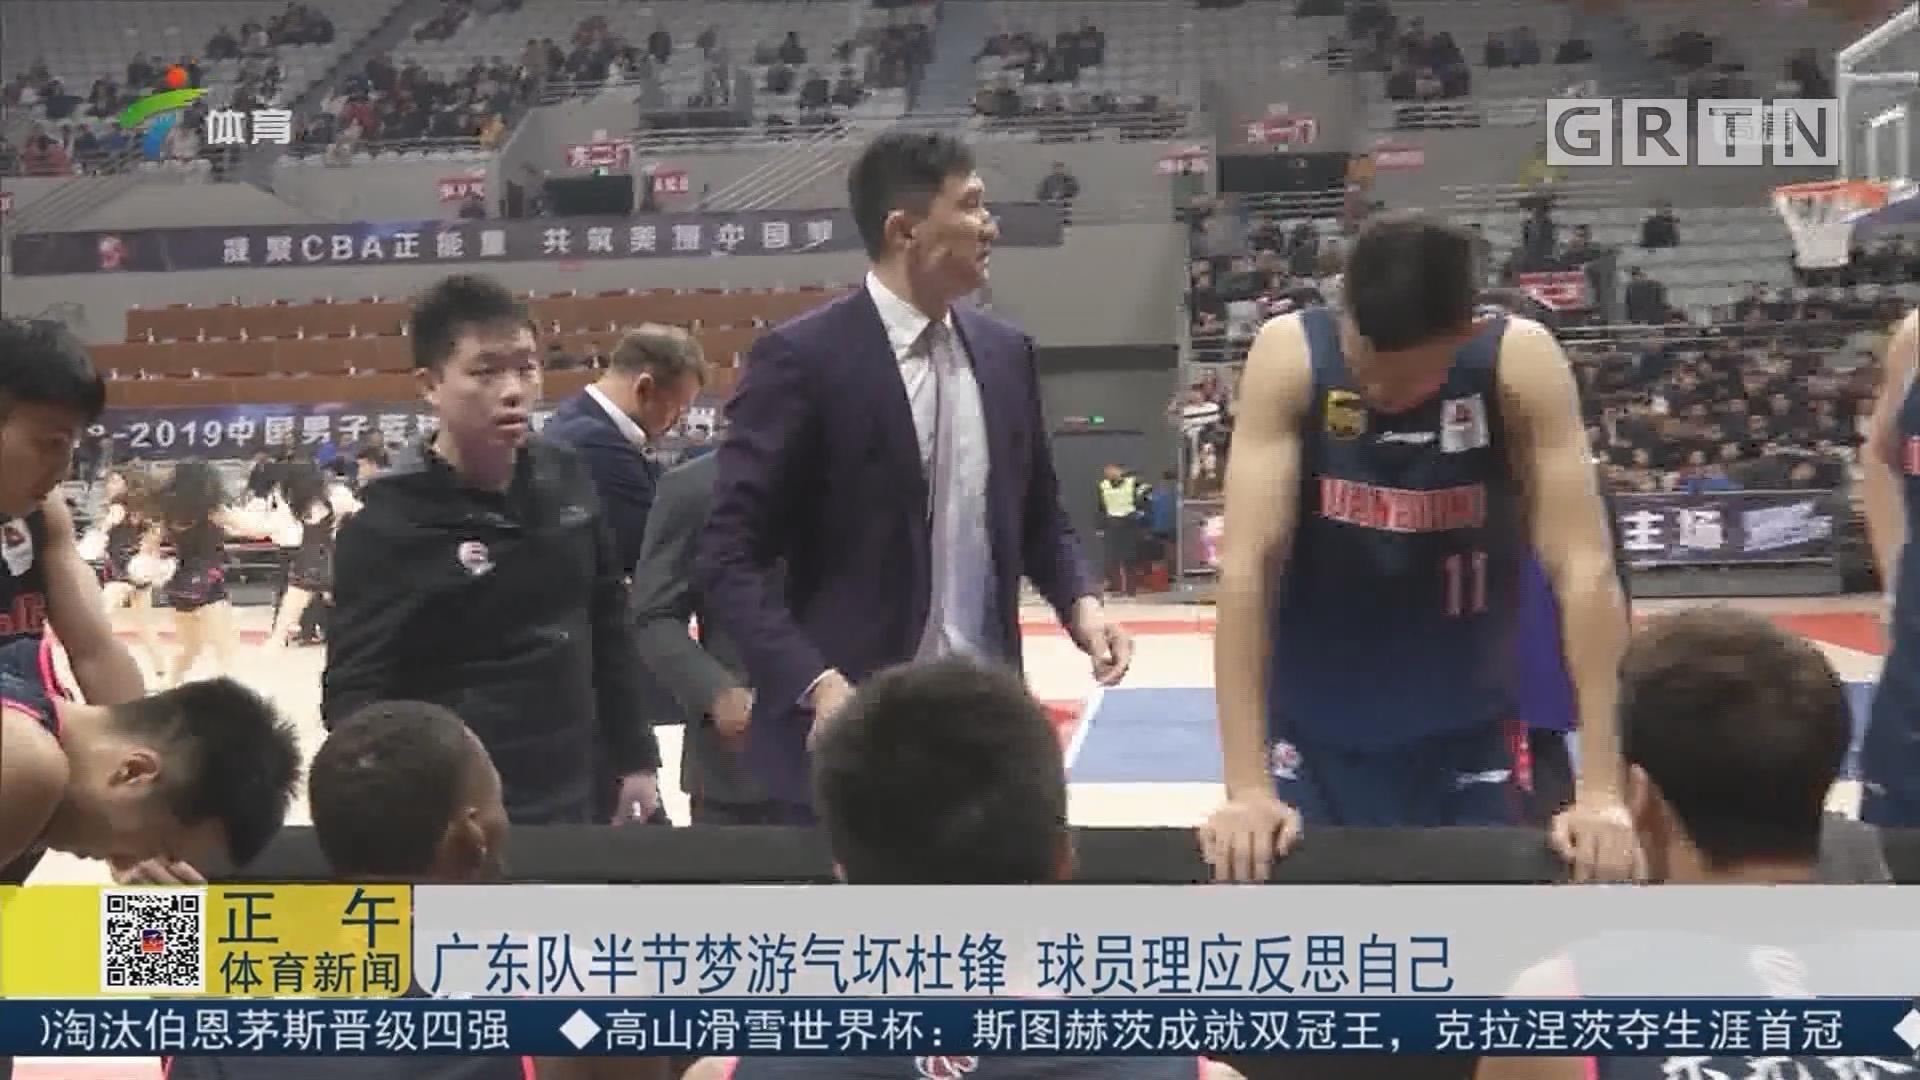 广东队半节梦游气坏杜锋 球员理应反思自己